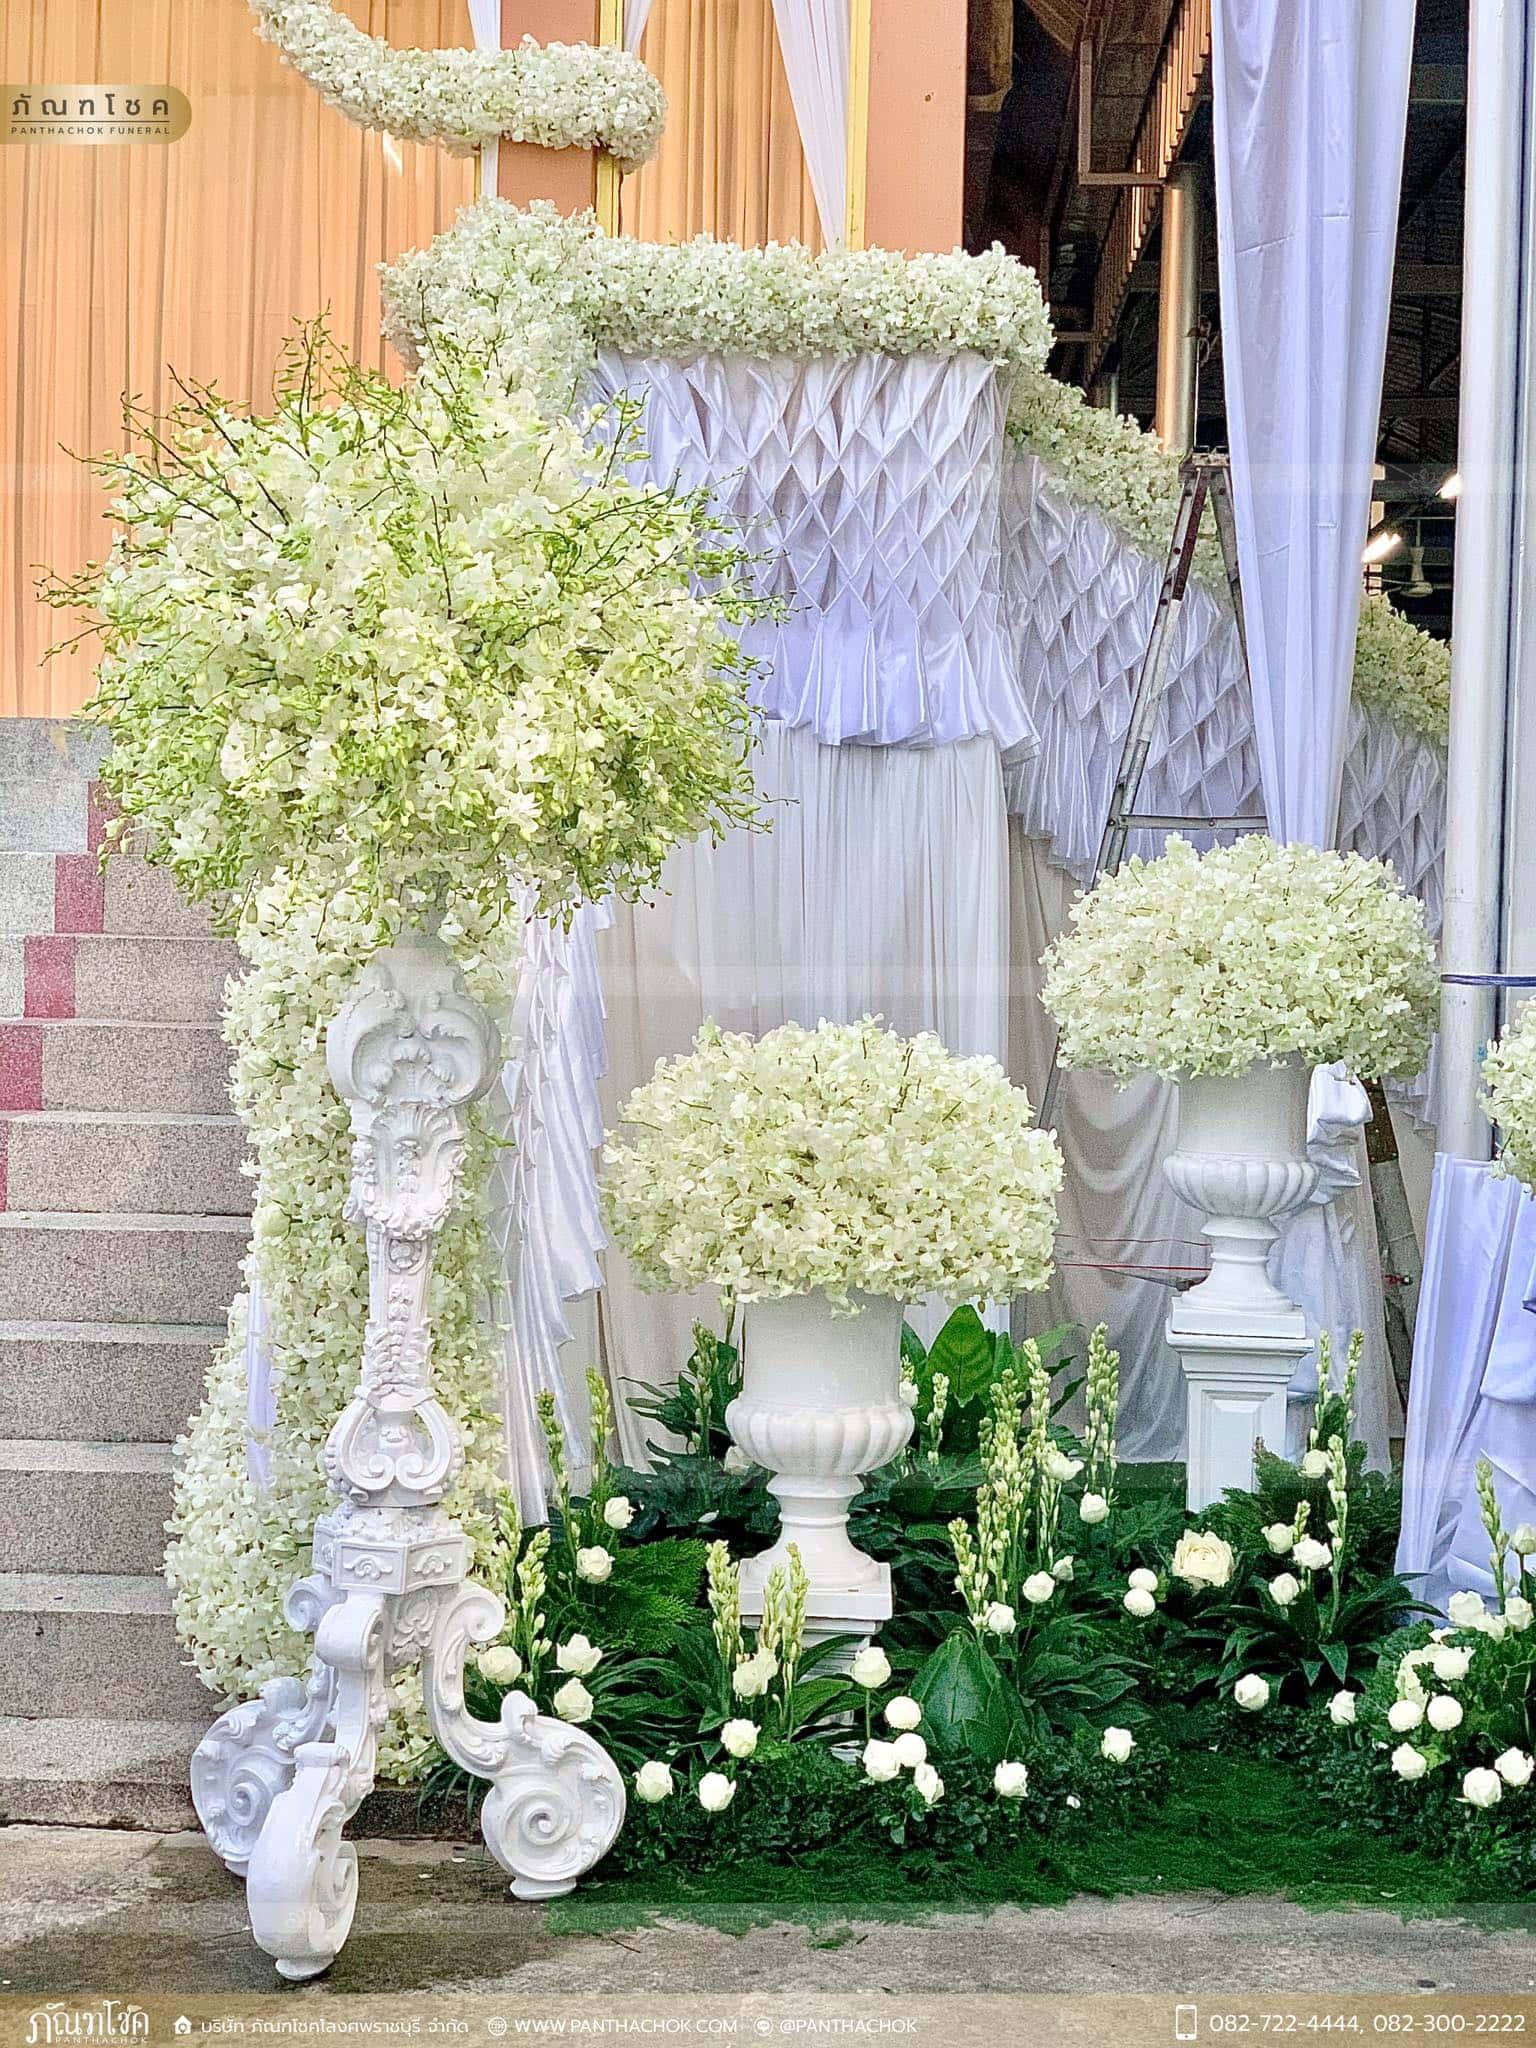 งานประดับตกแต่งเมรุงานพิธีพระราชทานเพลิงศพ อดีตผู้ว่าราชการจังหวัดราชบุรี 6